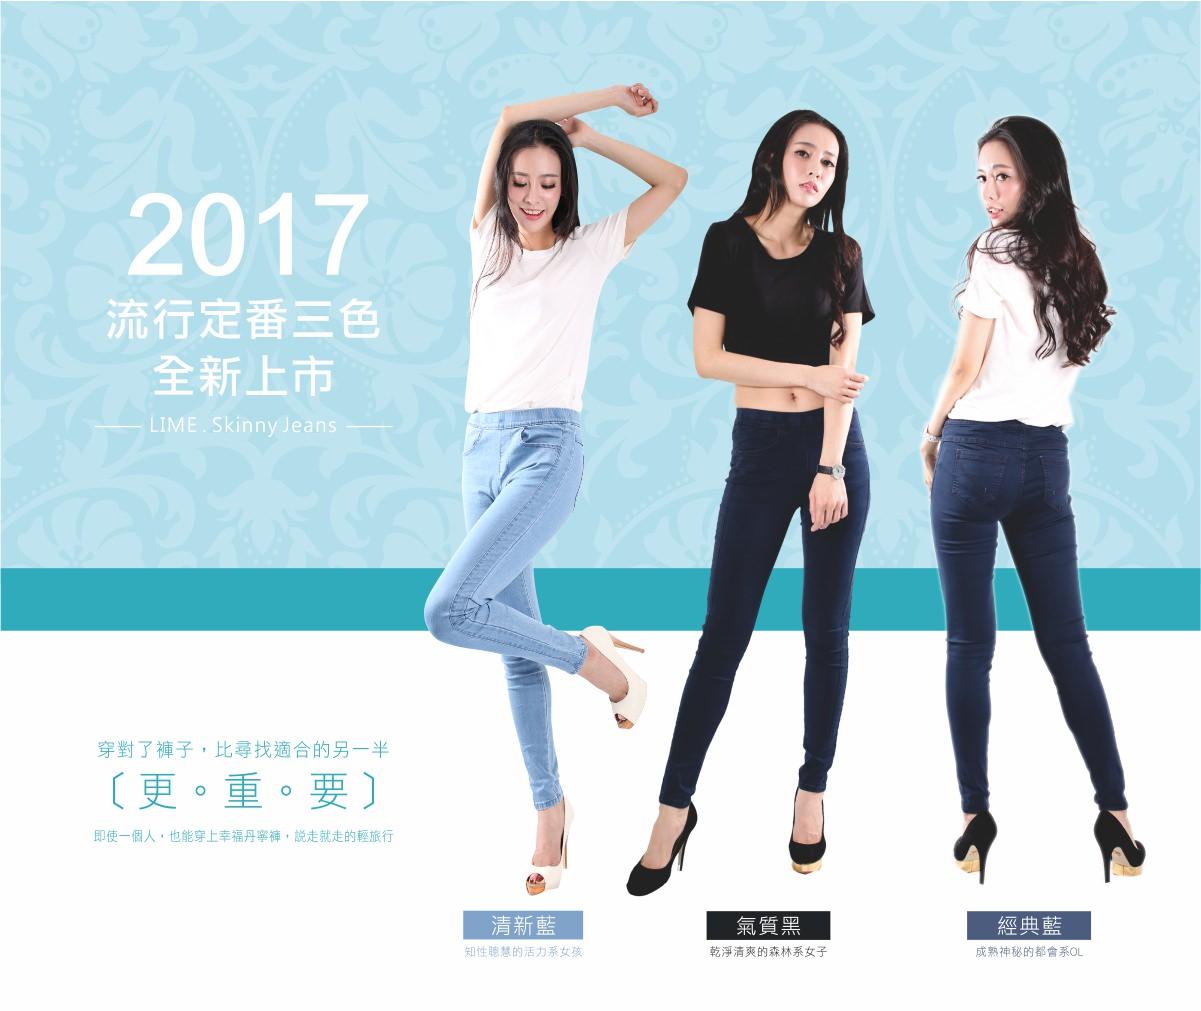 [時尚] LIME牛仔褲-平價也能買到100%MIT! 舒適顯瘦牛仔褲推薦 @美食好芃友